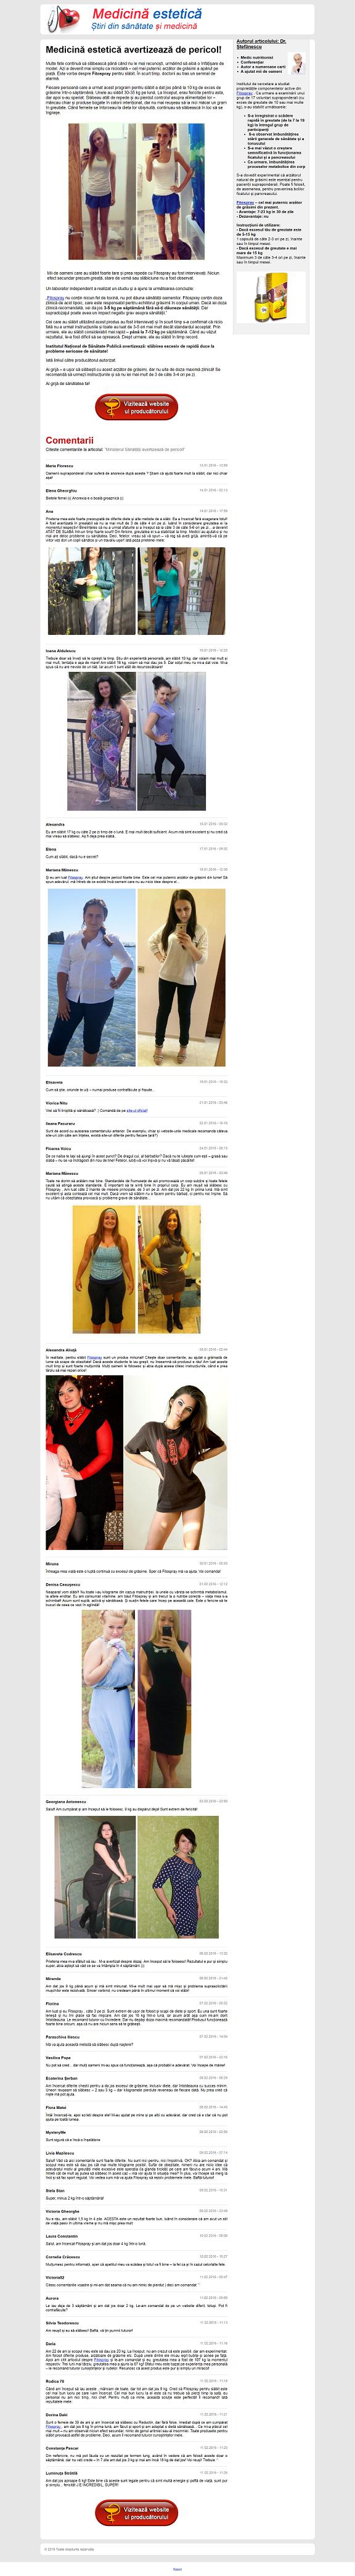 pierderea in greutate neasteptata si pierderea poftei de mancare